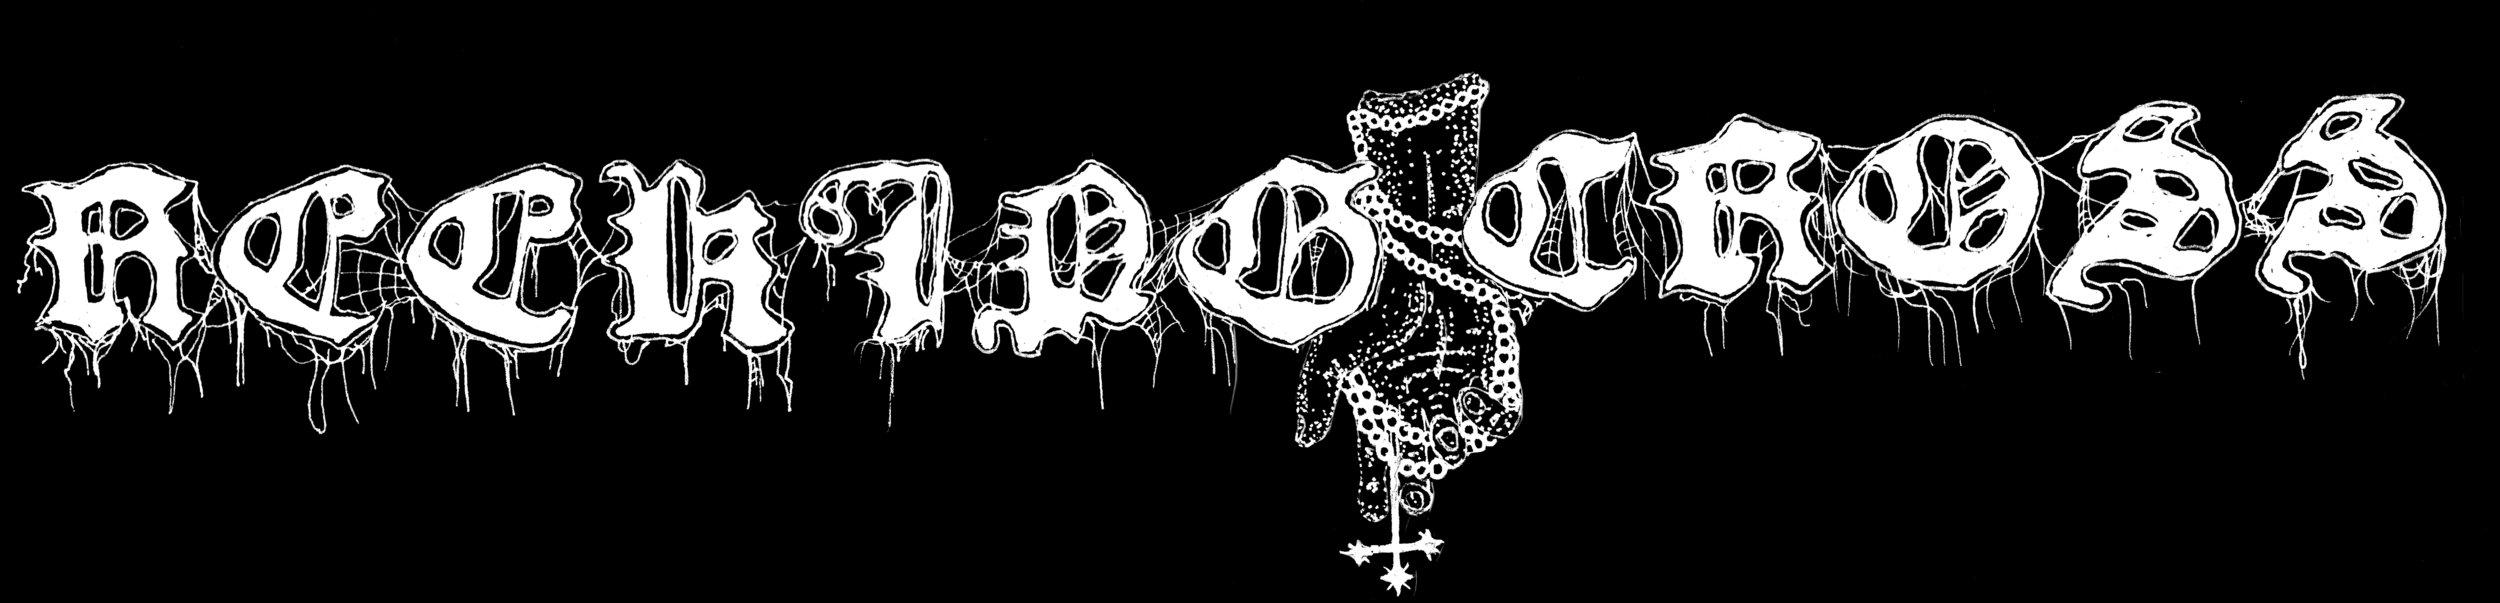 Reeking Cross logo, 2017.  Listen.